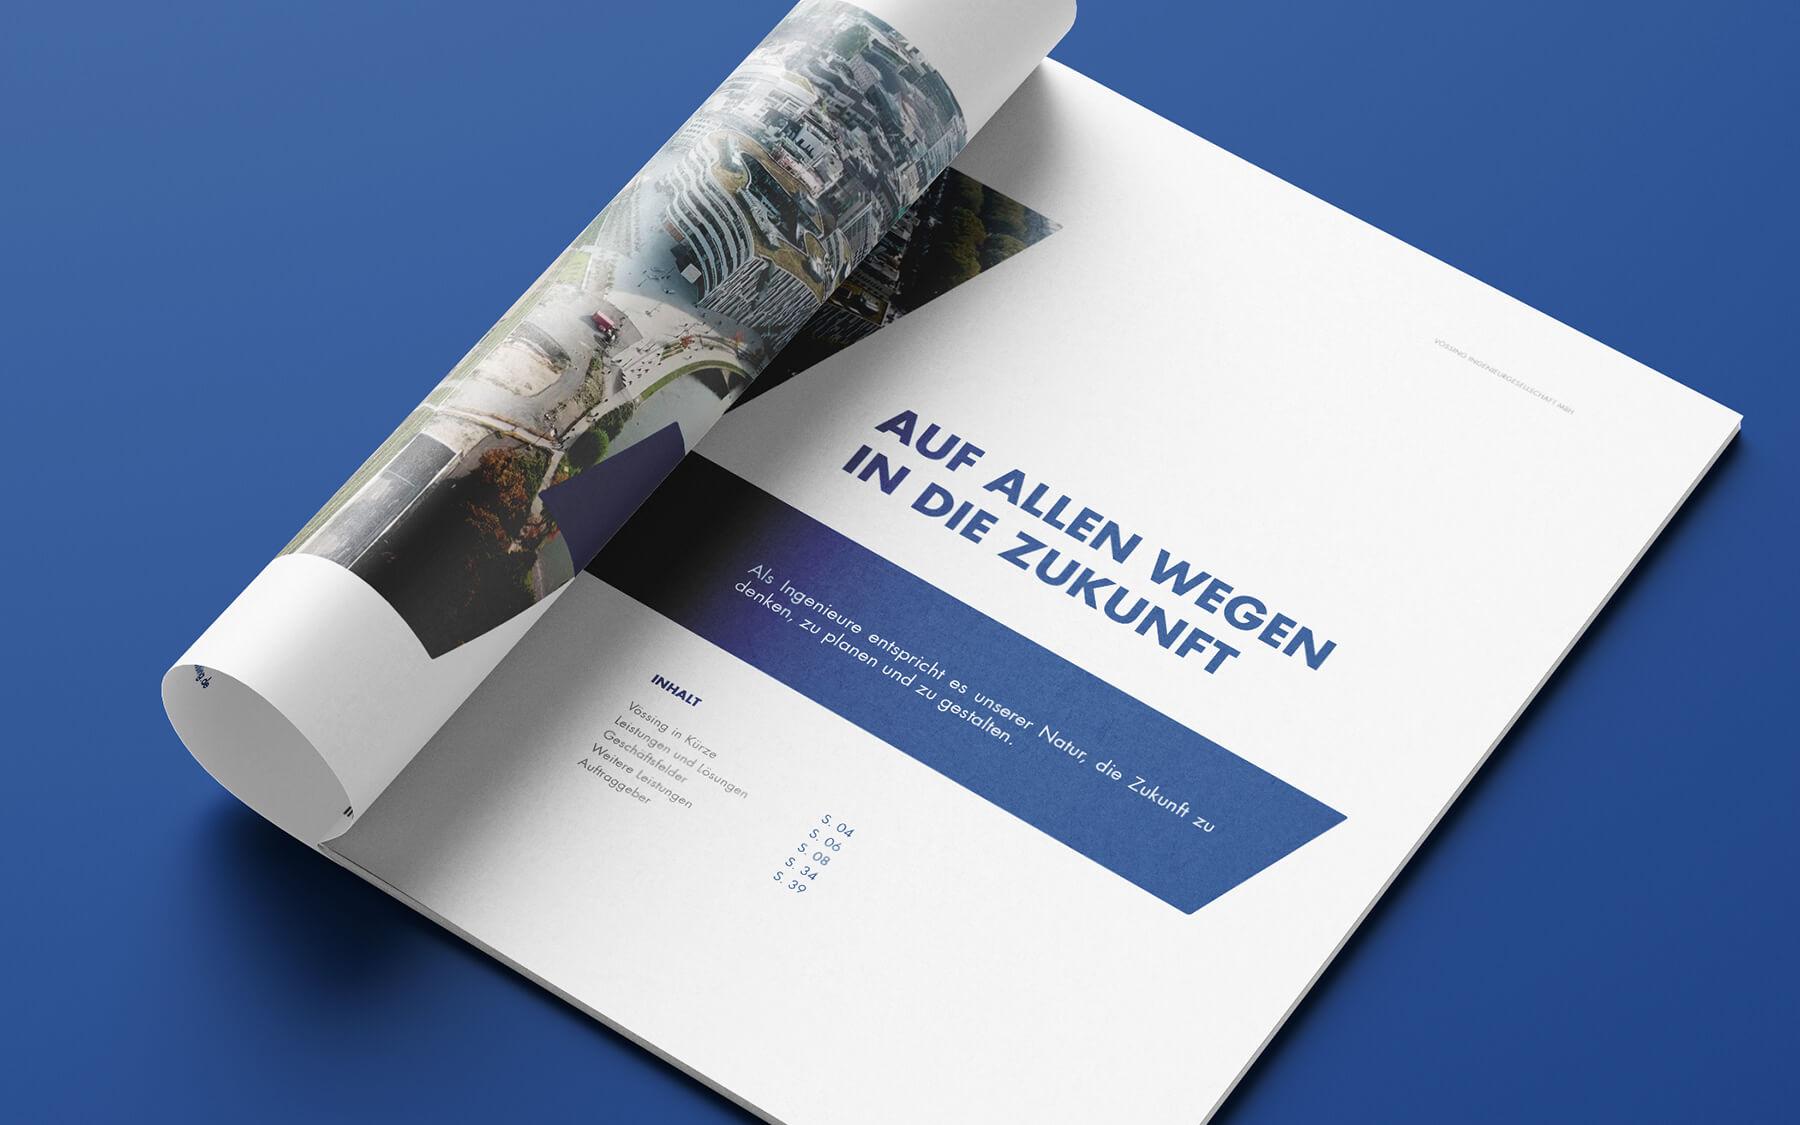 grafik design agentur layout kataloge print werbeagentur berlin corporate design layout vössing innenseite